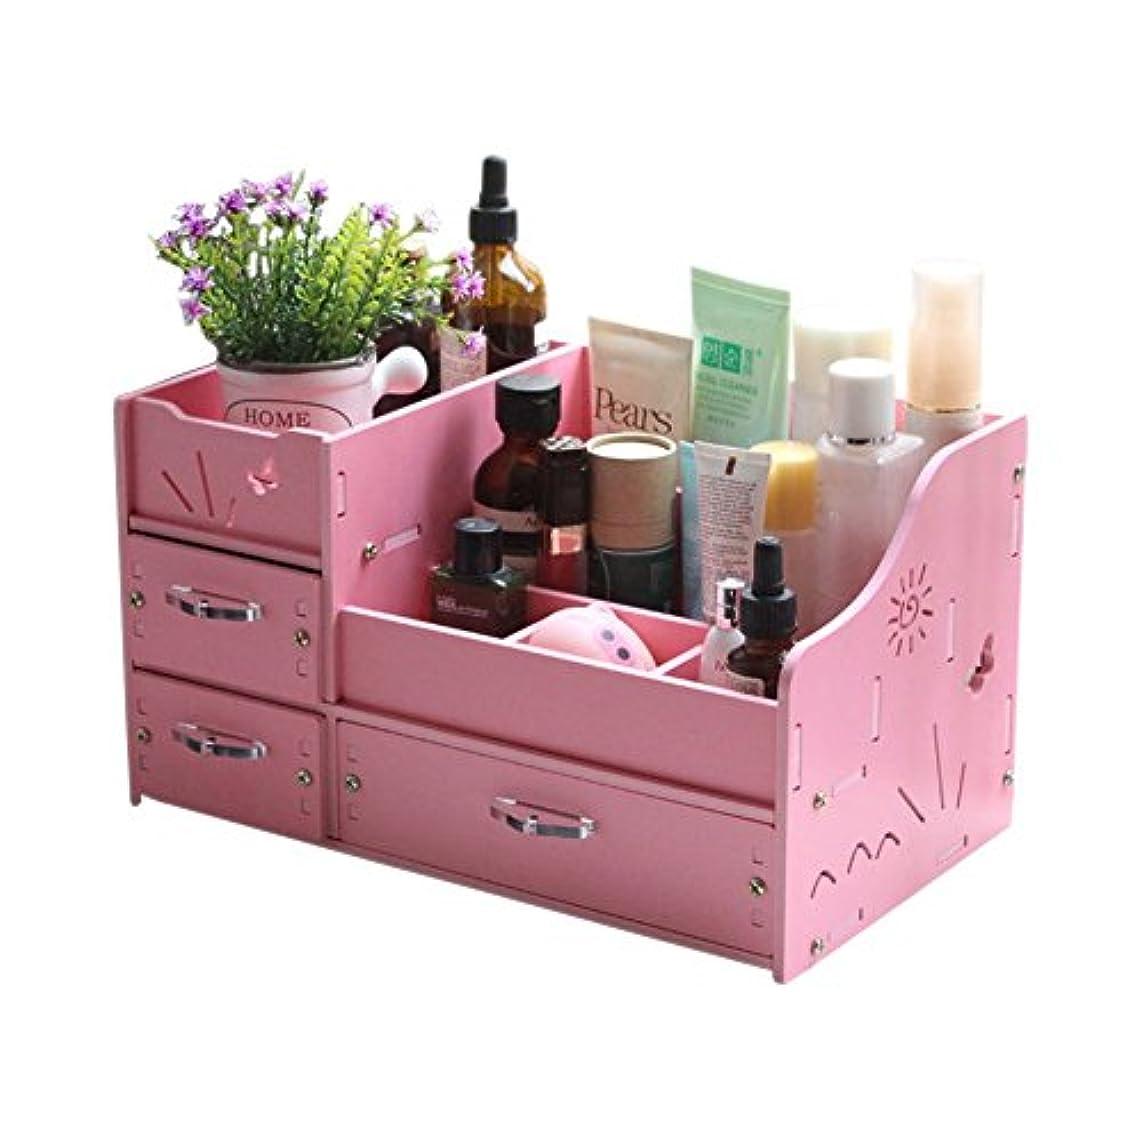 化学薬品プロフェッショナルお茶INANA 収納ボックス メイクボックス コスメボックス ジュエリー ボックス アクセサリー ケース 収納 雑貨 小物入れ 化粧道具入れ 化粧品収納 便利 (ピンク)